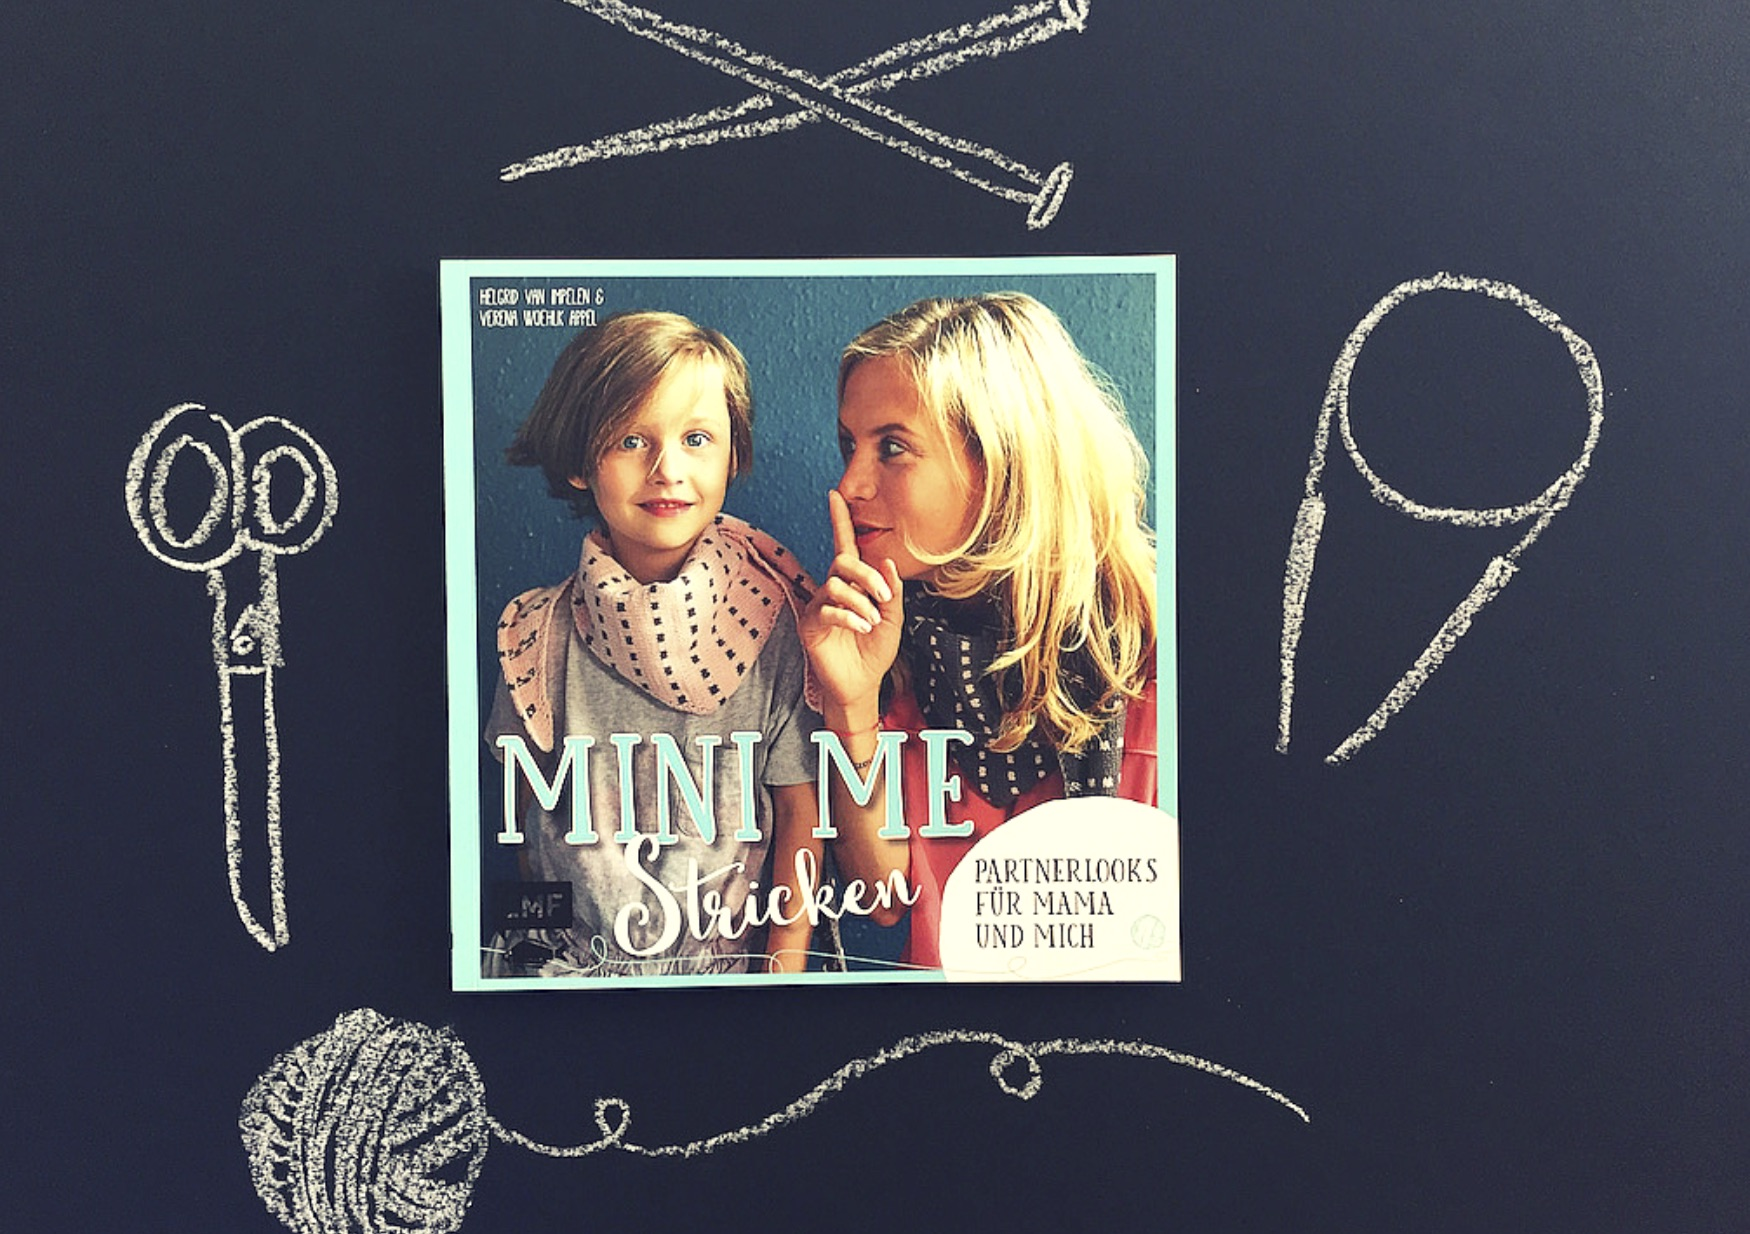 Mini me Stricken Buch EMF Verlag www.meinesvenja.de